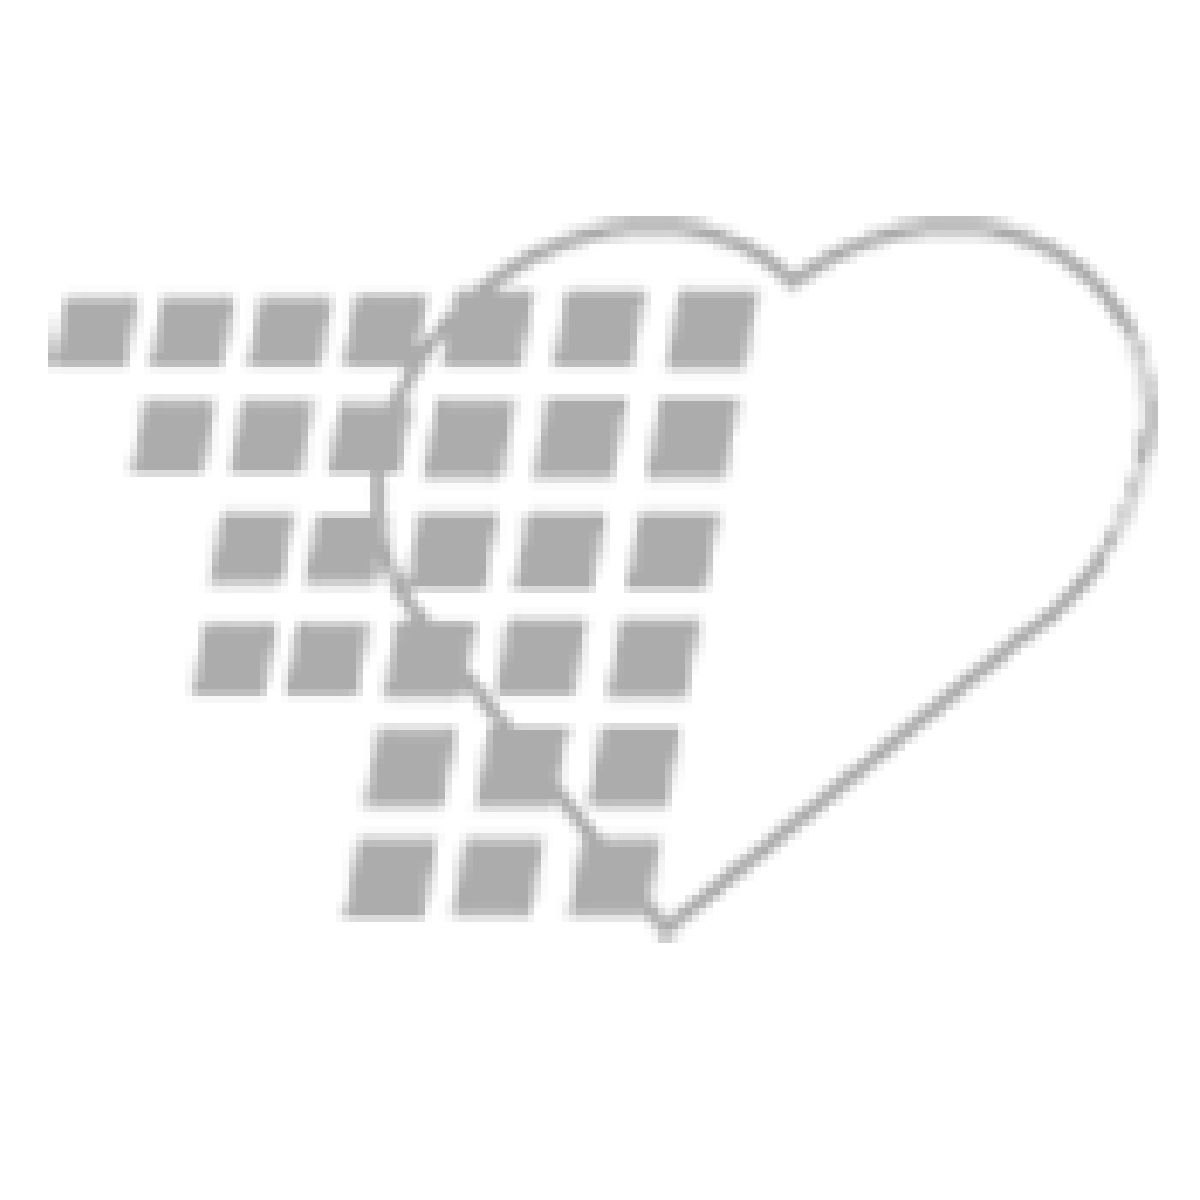 11-81-4301 Laerdal SimPad PLUS System